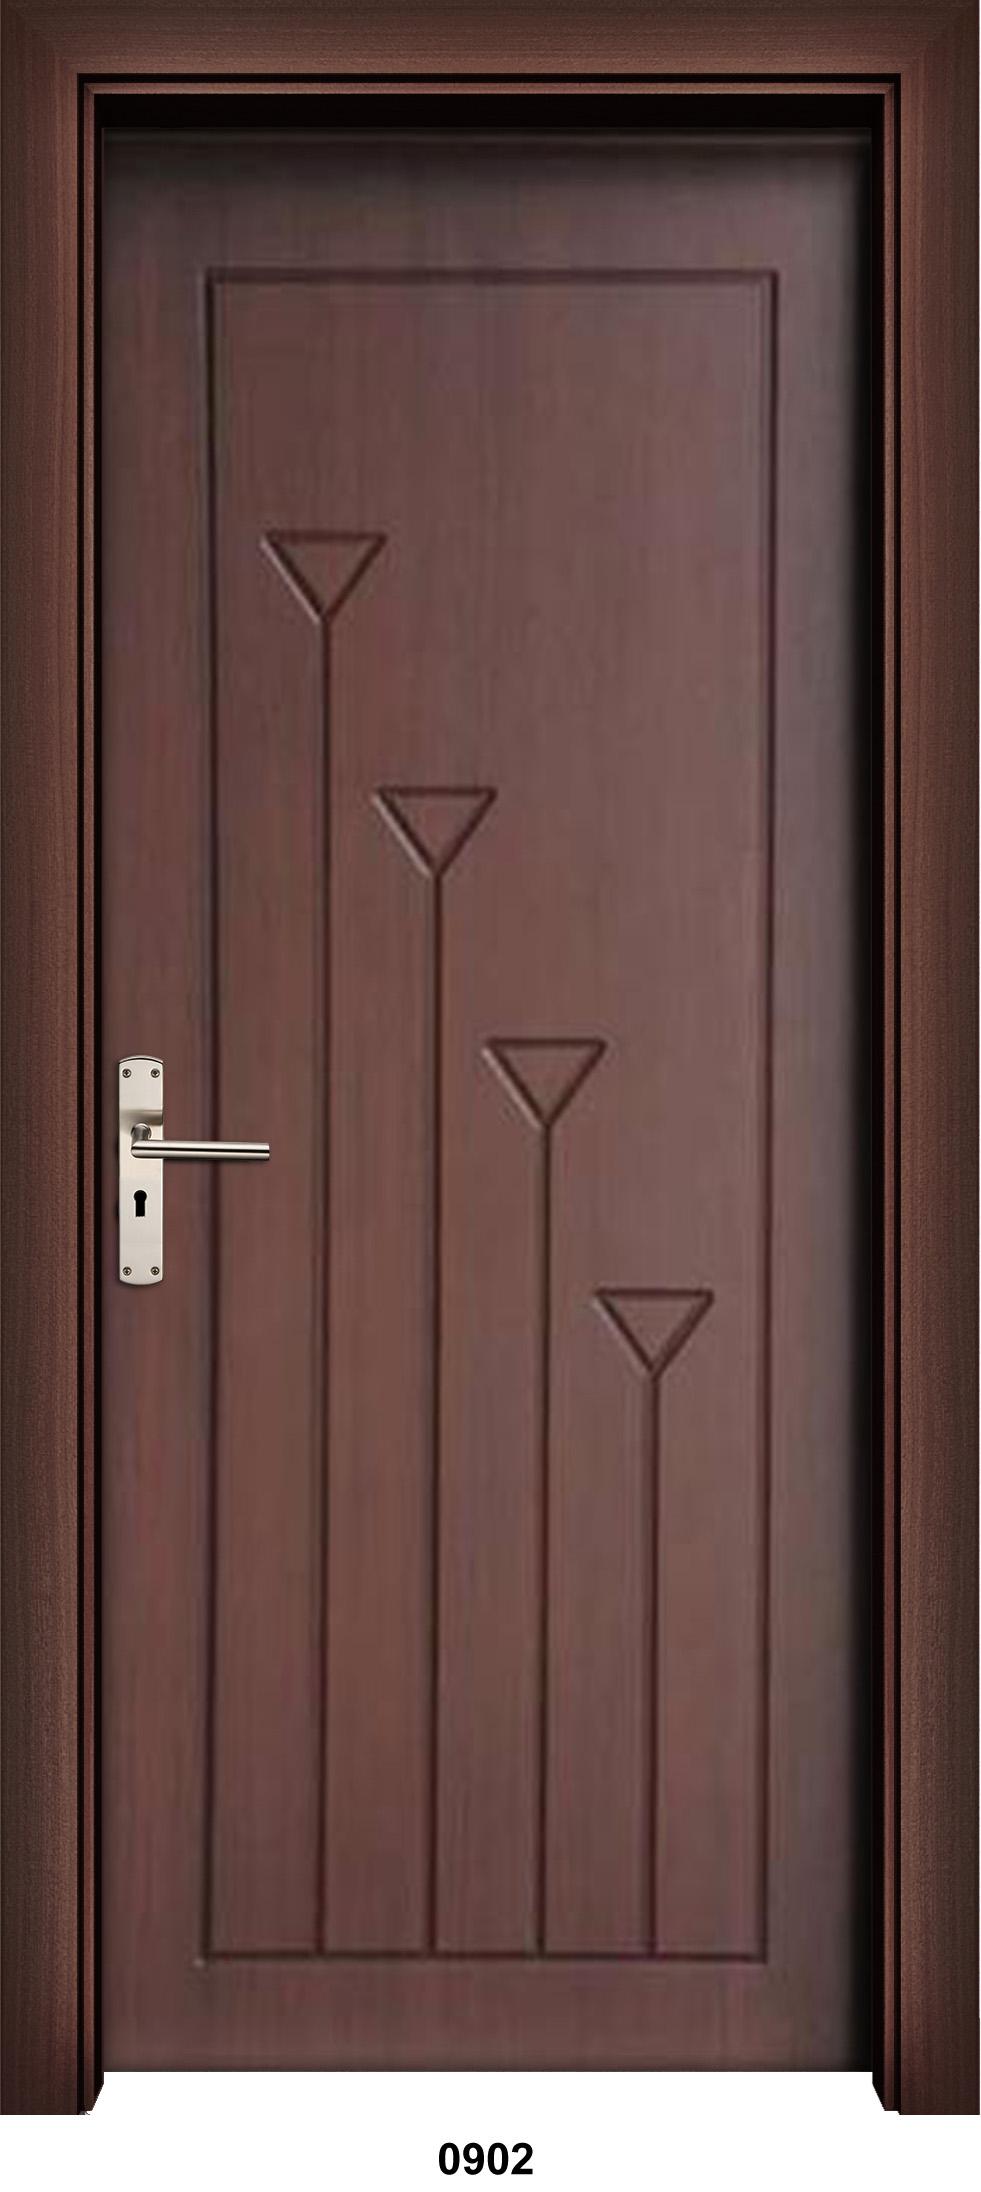 Cnc Routered Pvc Foiled Doors Doors Guntier